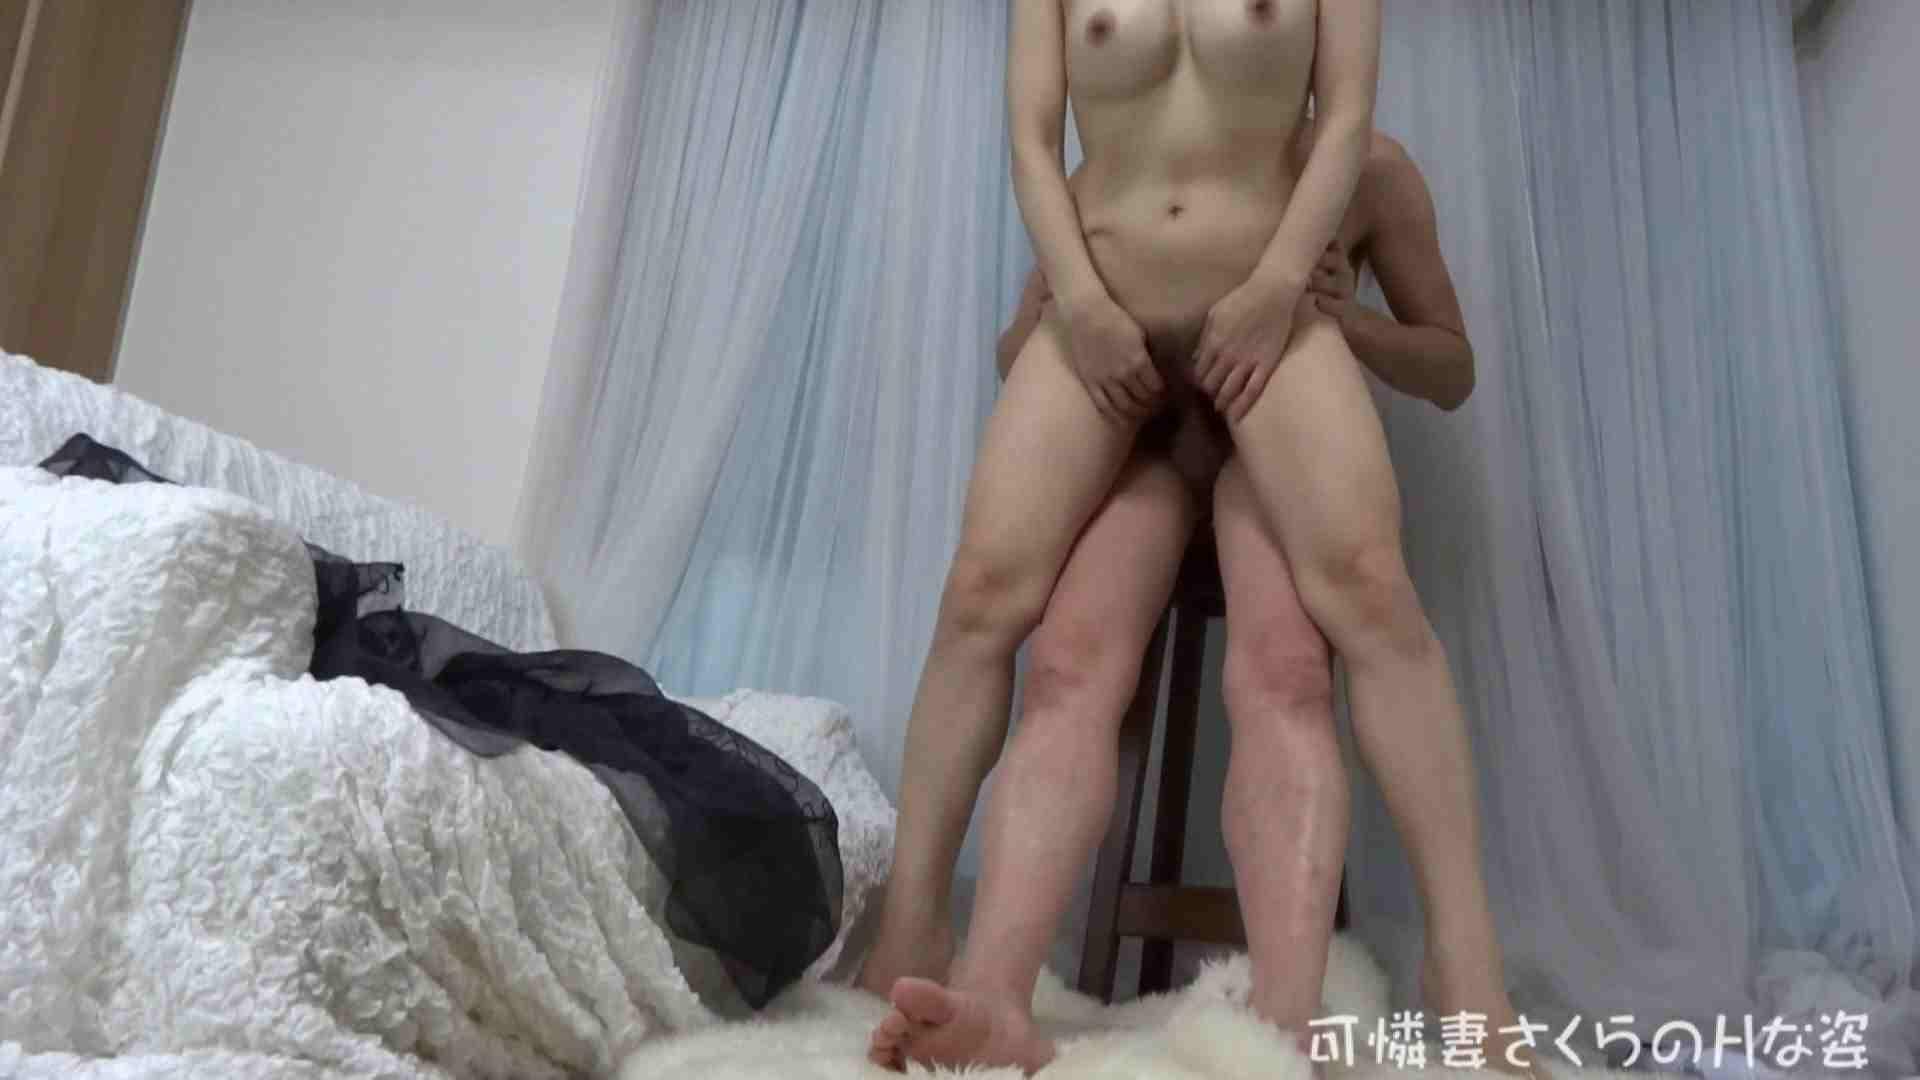 可憐妻さくらのHな姿vol.29 マンコ特別編 | 電マ  58枚 43